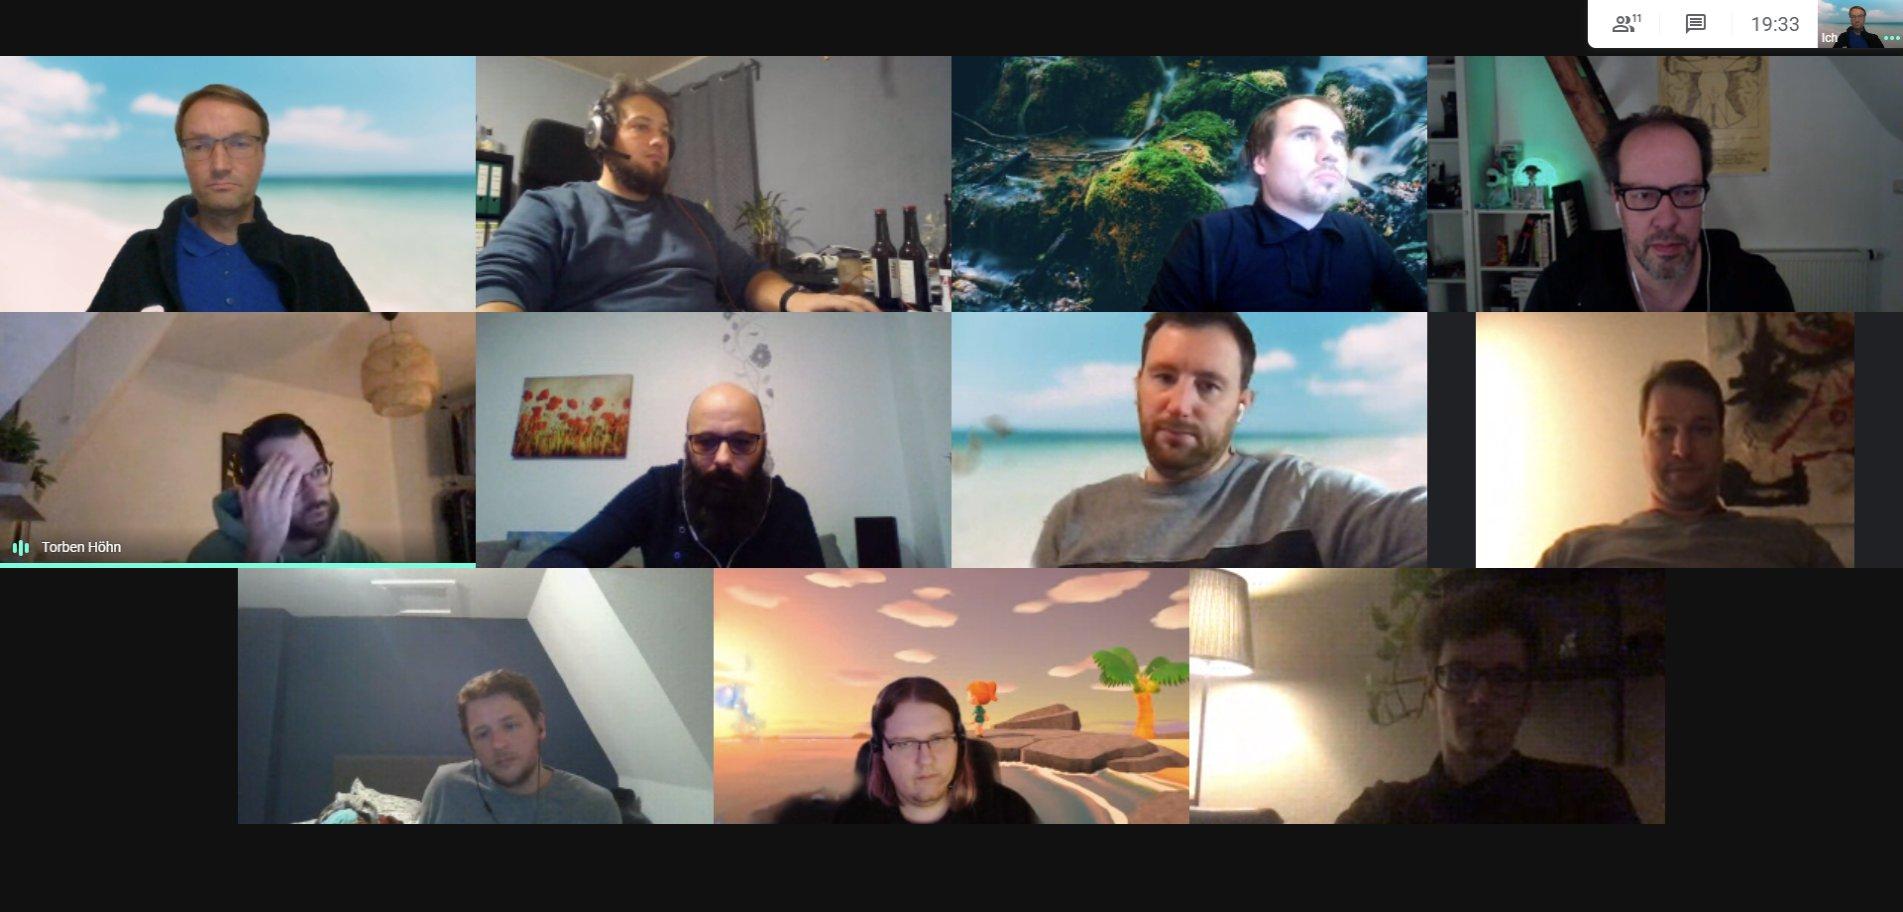 Das 33. Treffen des Magento Stammtischs Kiel